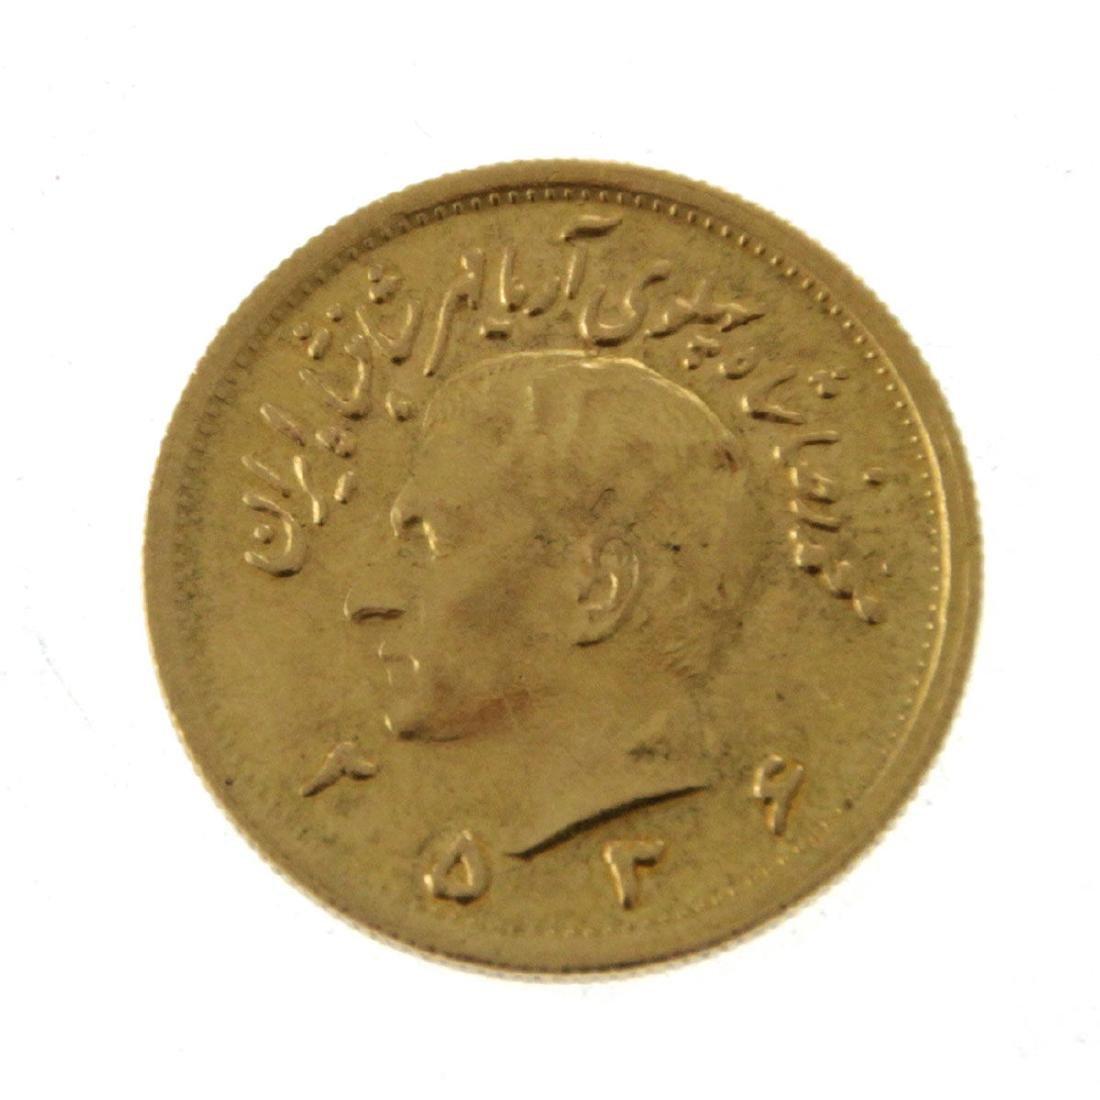 1 Pahlavi Persian Gold Coin, 2536 (1977). - 2